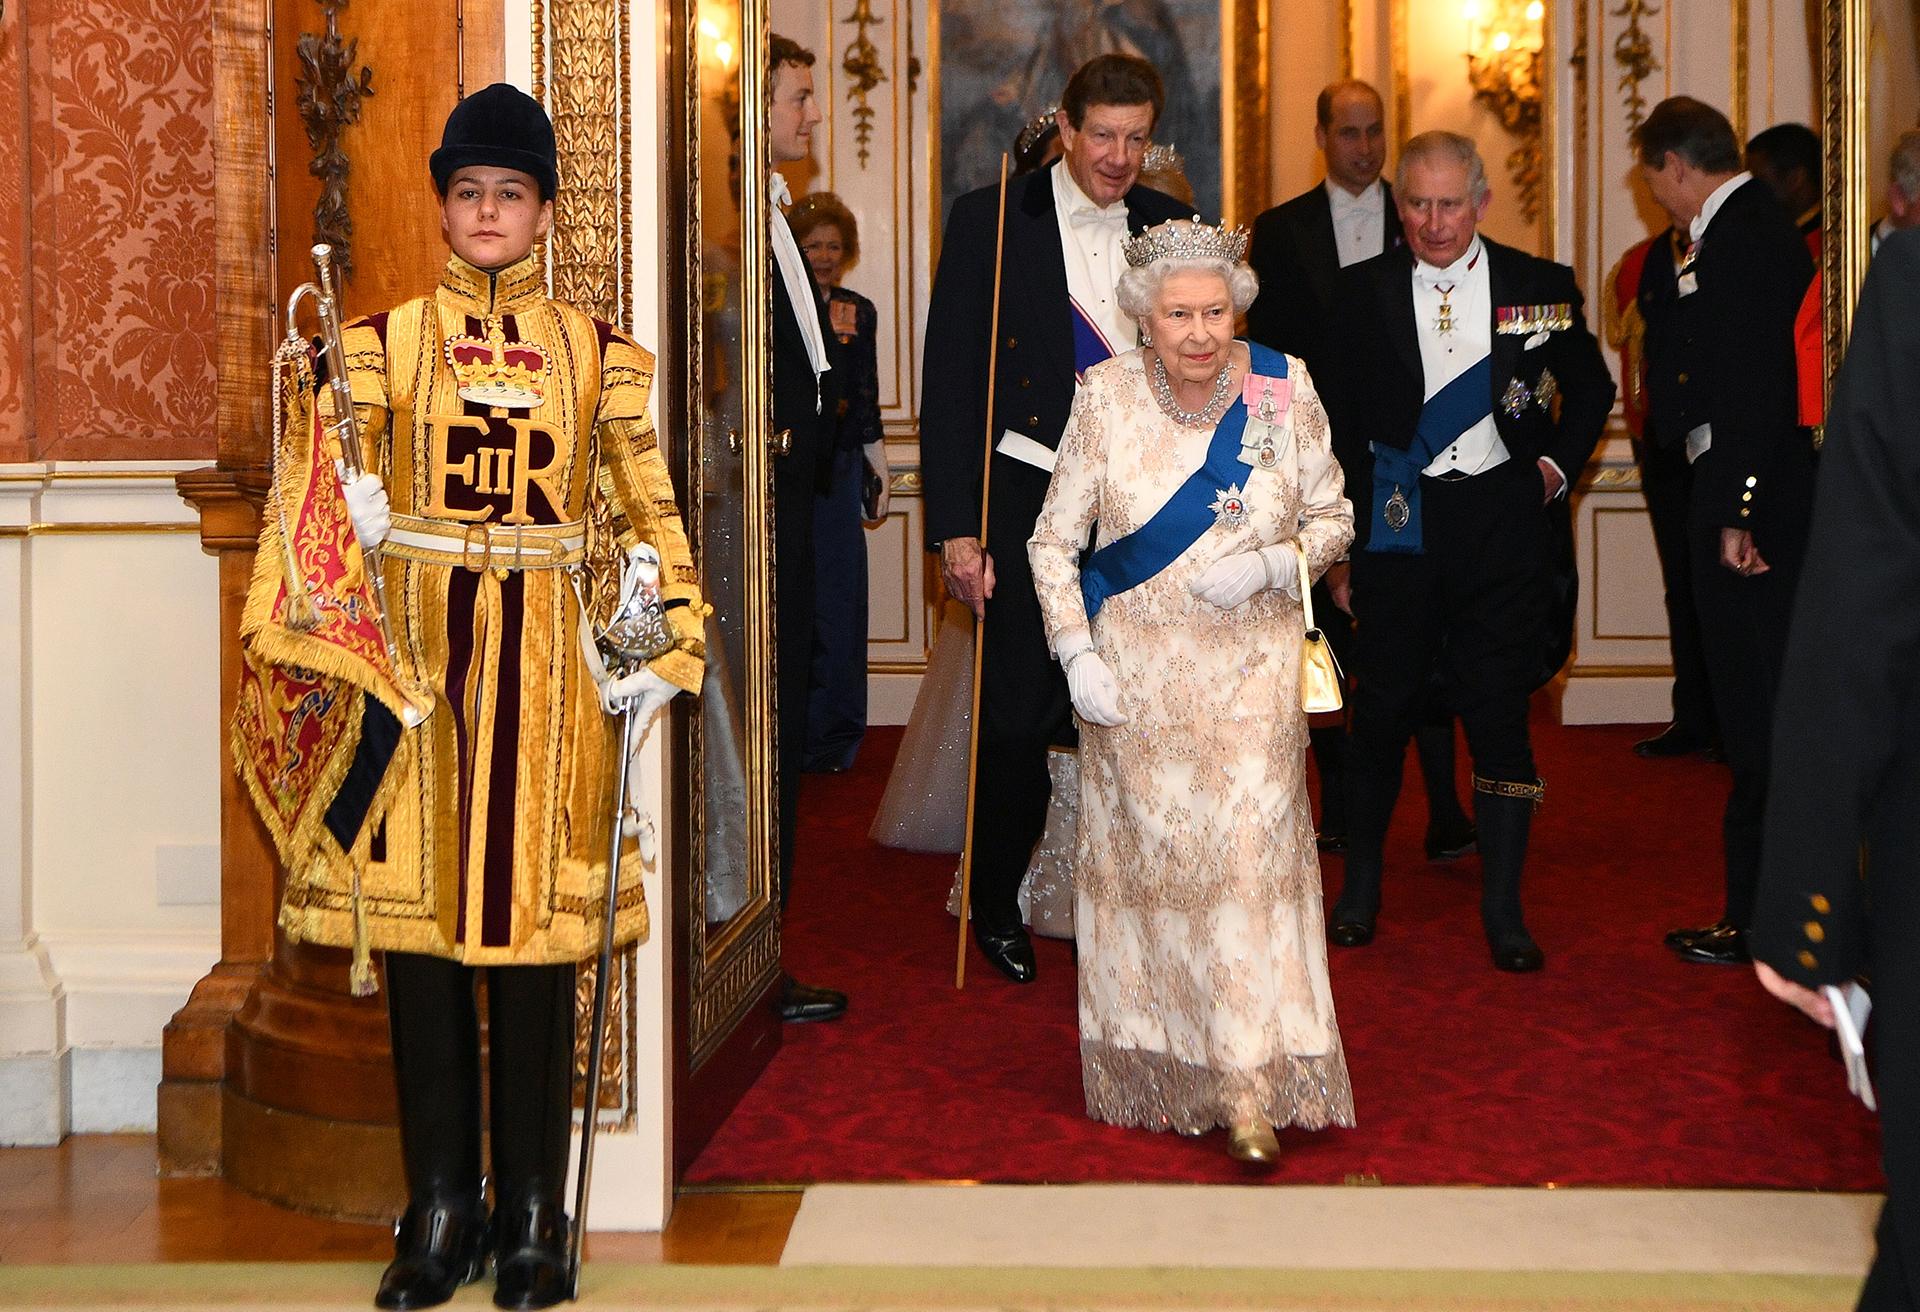 La monarca camina junto a su hijo para participar de la recepción diplomática